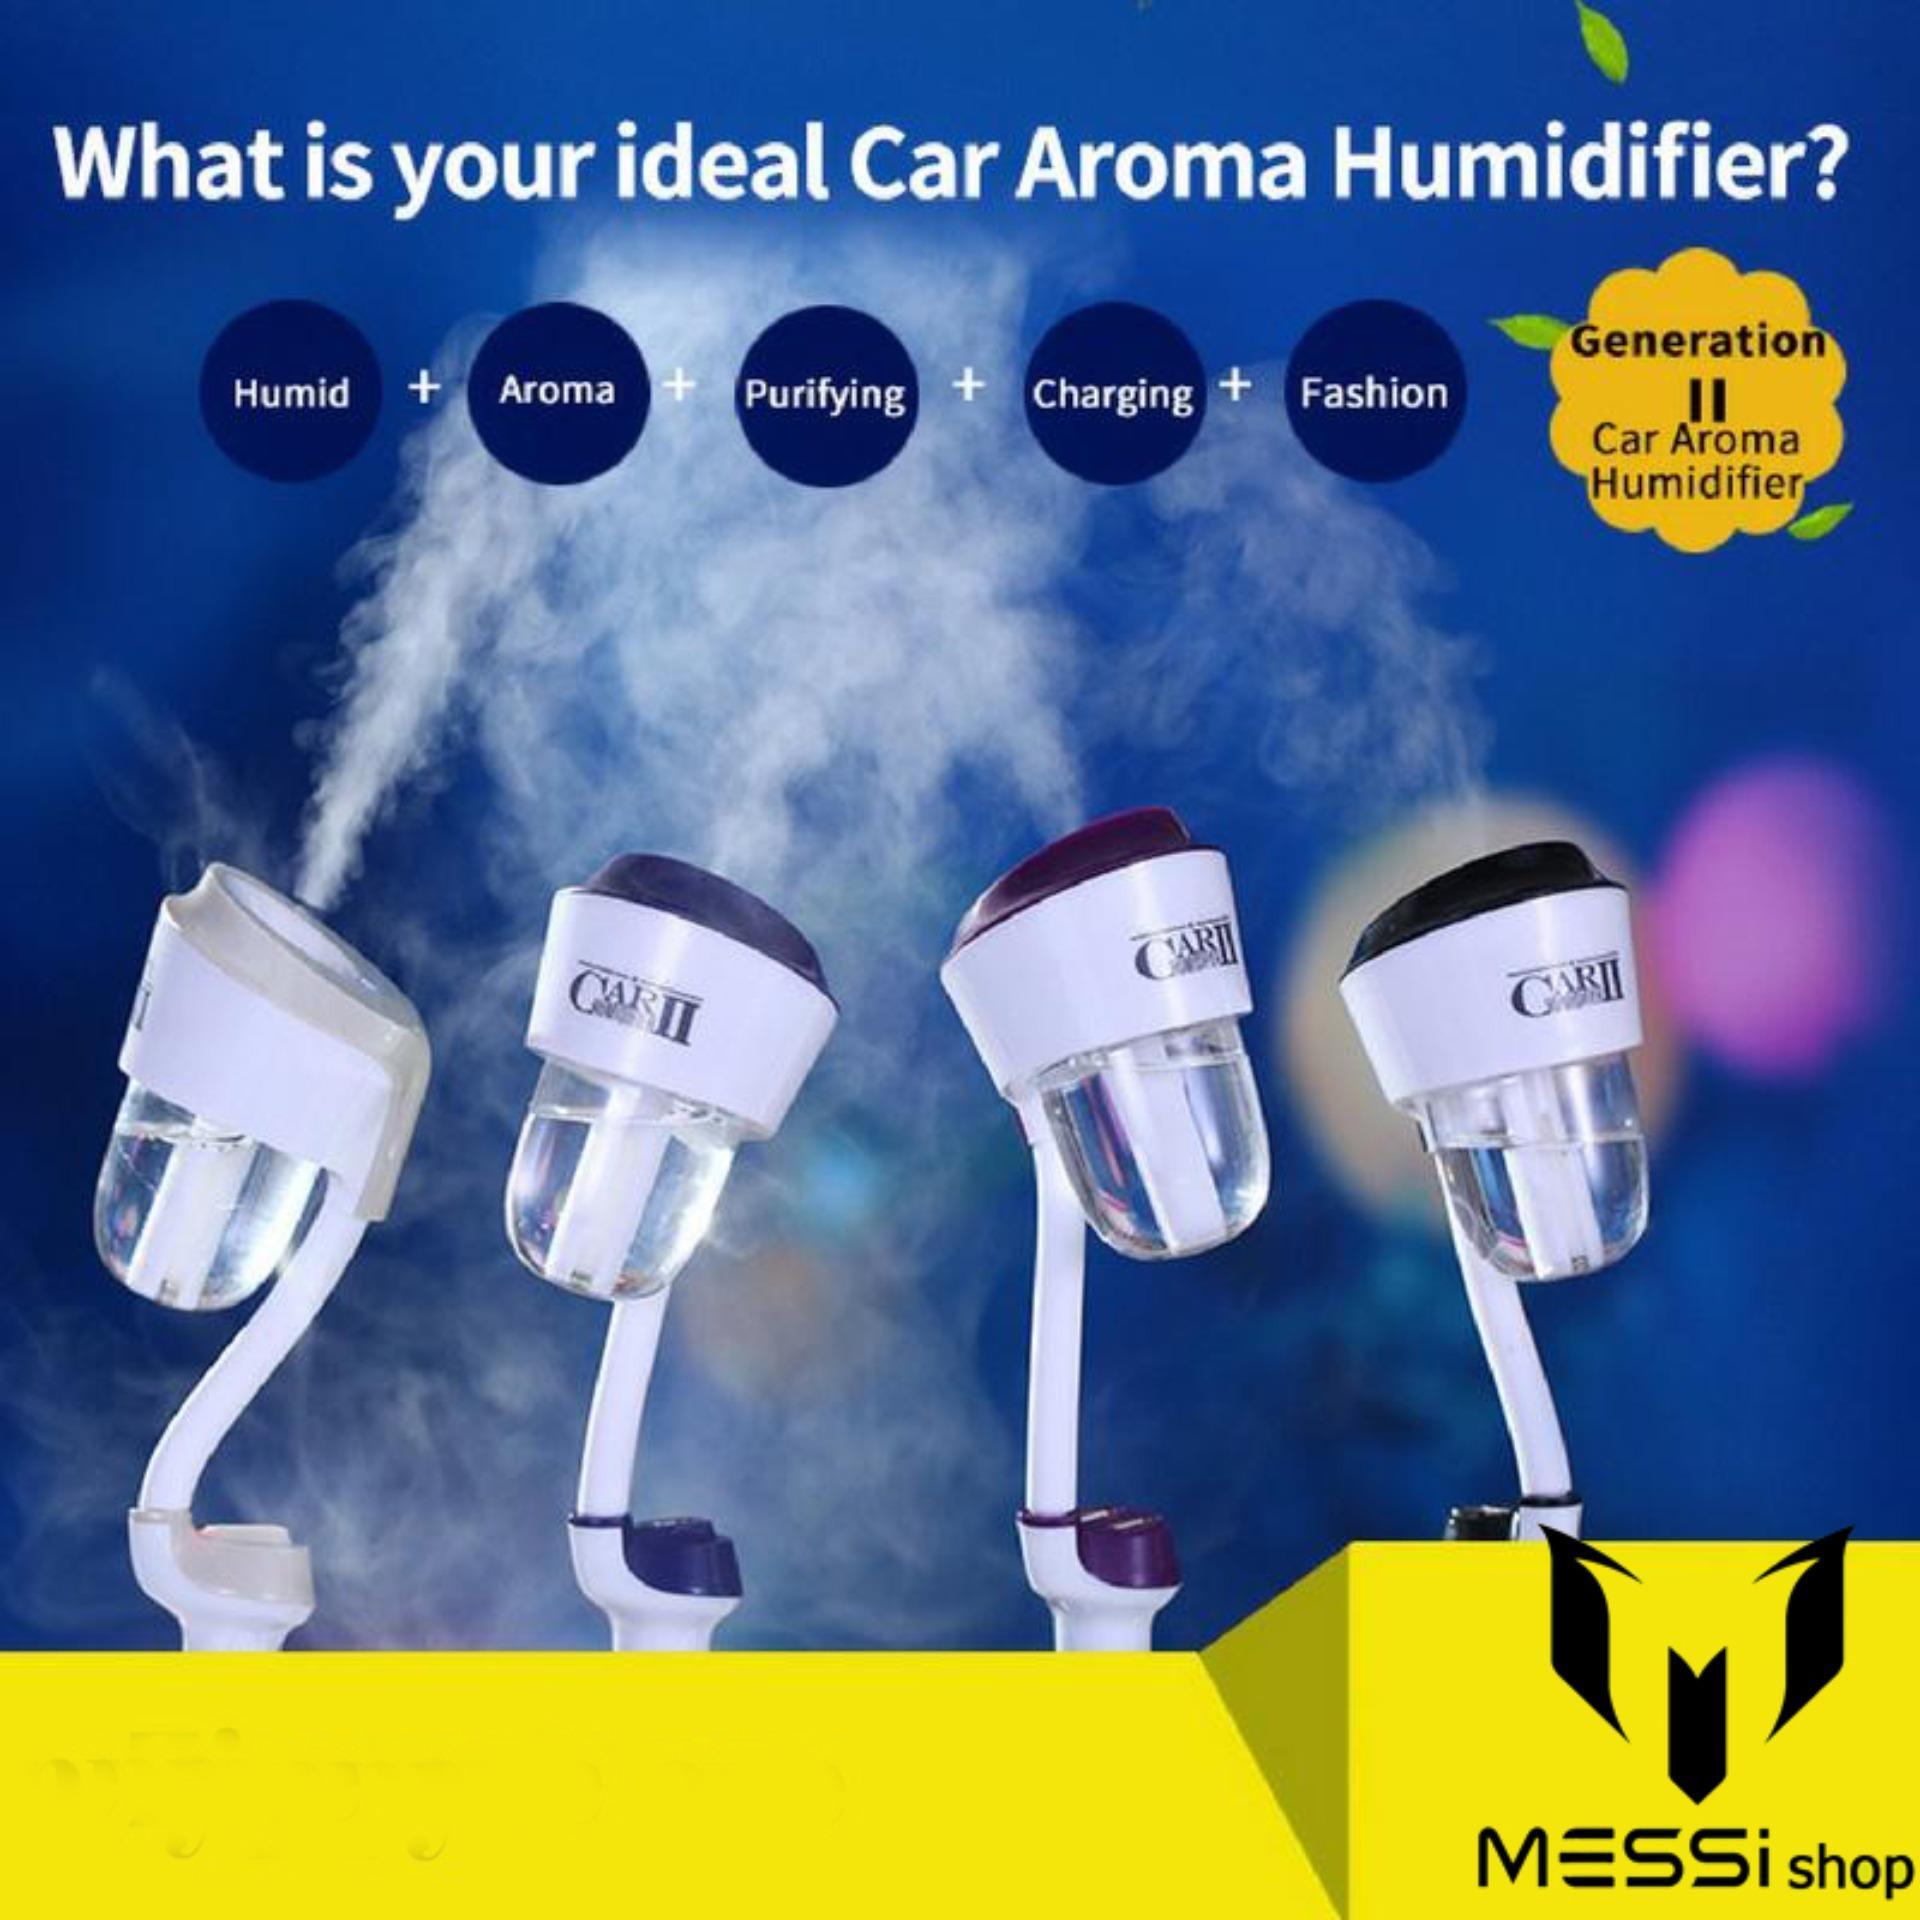 May khu mui xe hoi-Máy lọc không khí trên xe ô tô-Máy xông tinh dầu phun sương tạo độ ẩm cho xe hơi cao cấp,Giảm giá tới 50%.bảo hành tới 12 tháng 1 đổi 1 trong vòng 7 ngày